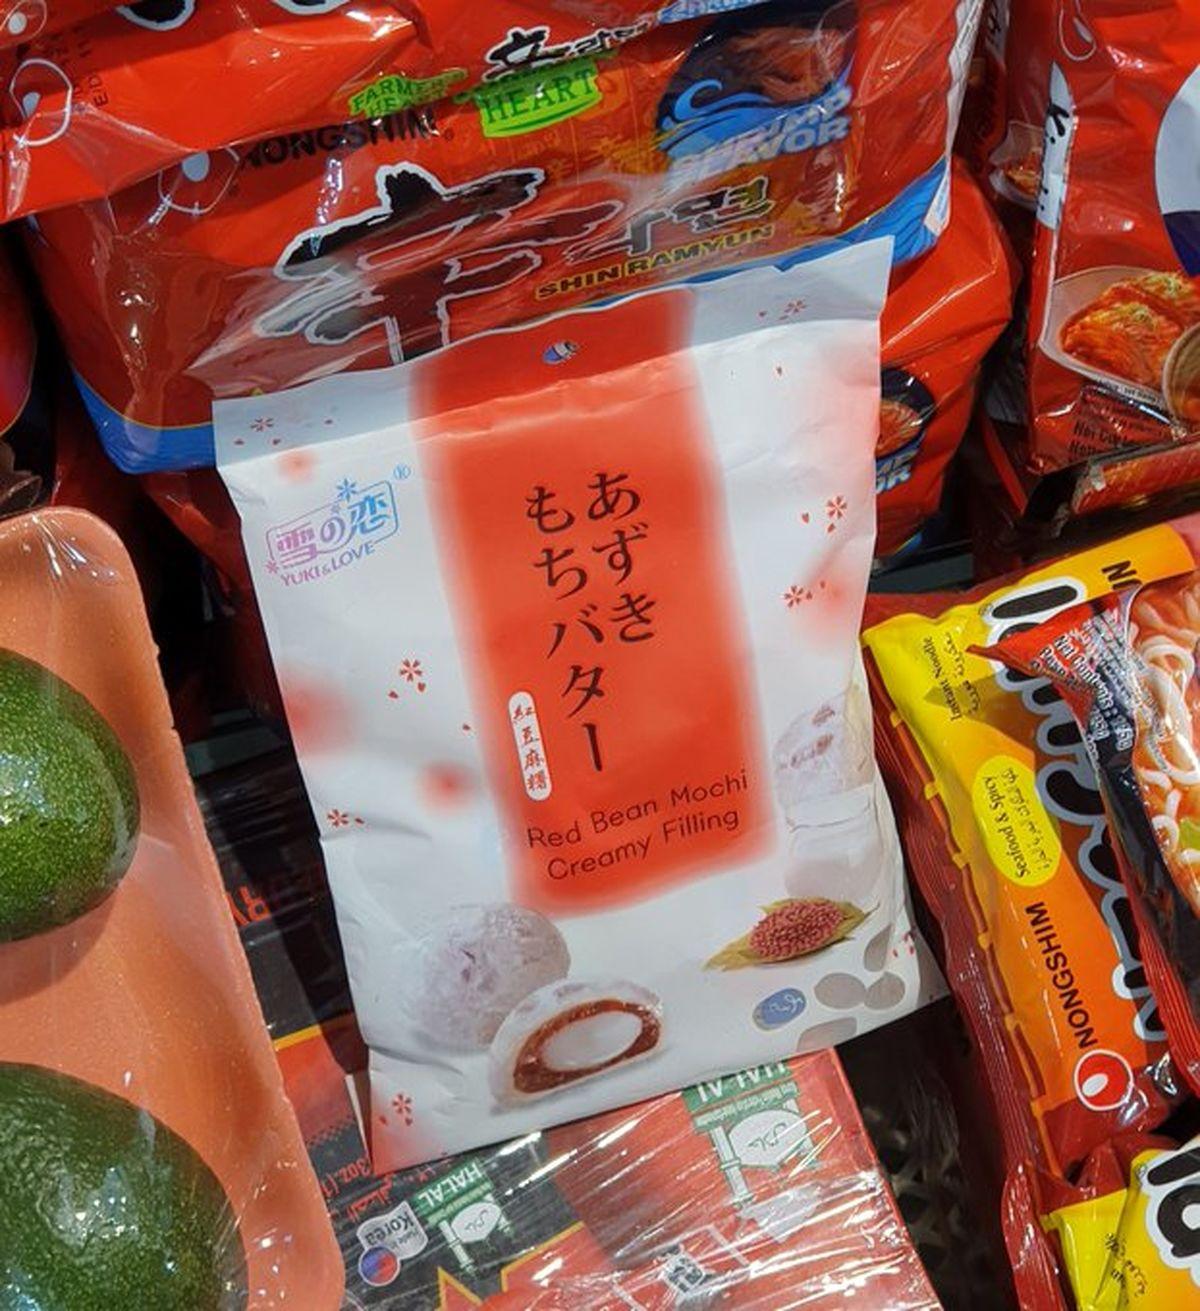 فوری:شیرینی کشنده در بازار تهران؛تصاویر شیرینیمرگبار ژاپنی